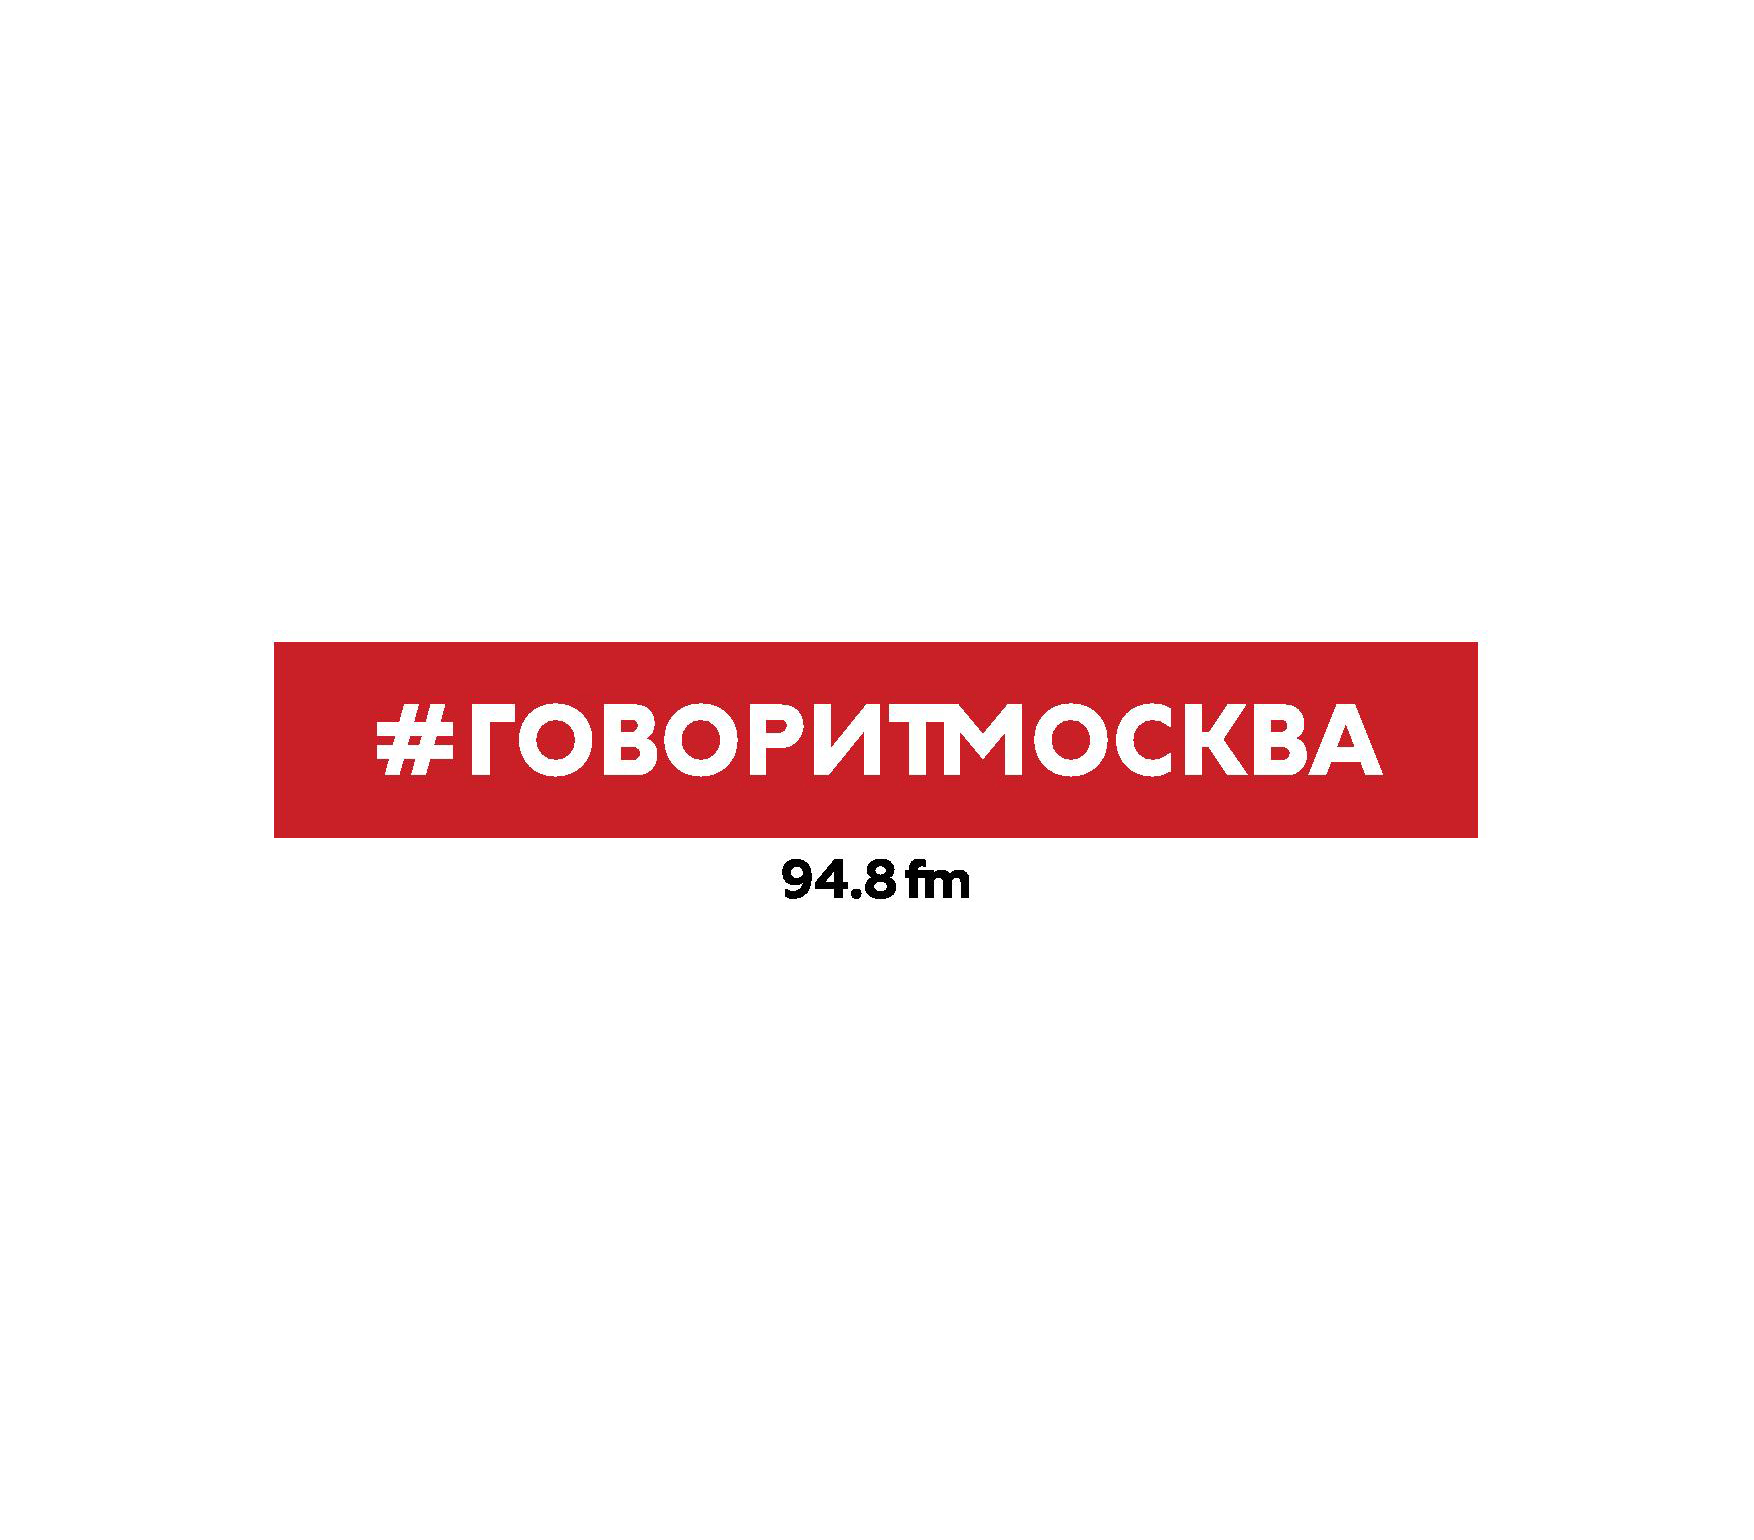 Макс Челноков 30 апреля. Дмитрий Маликов